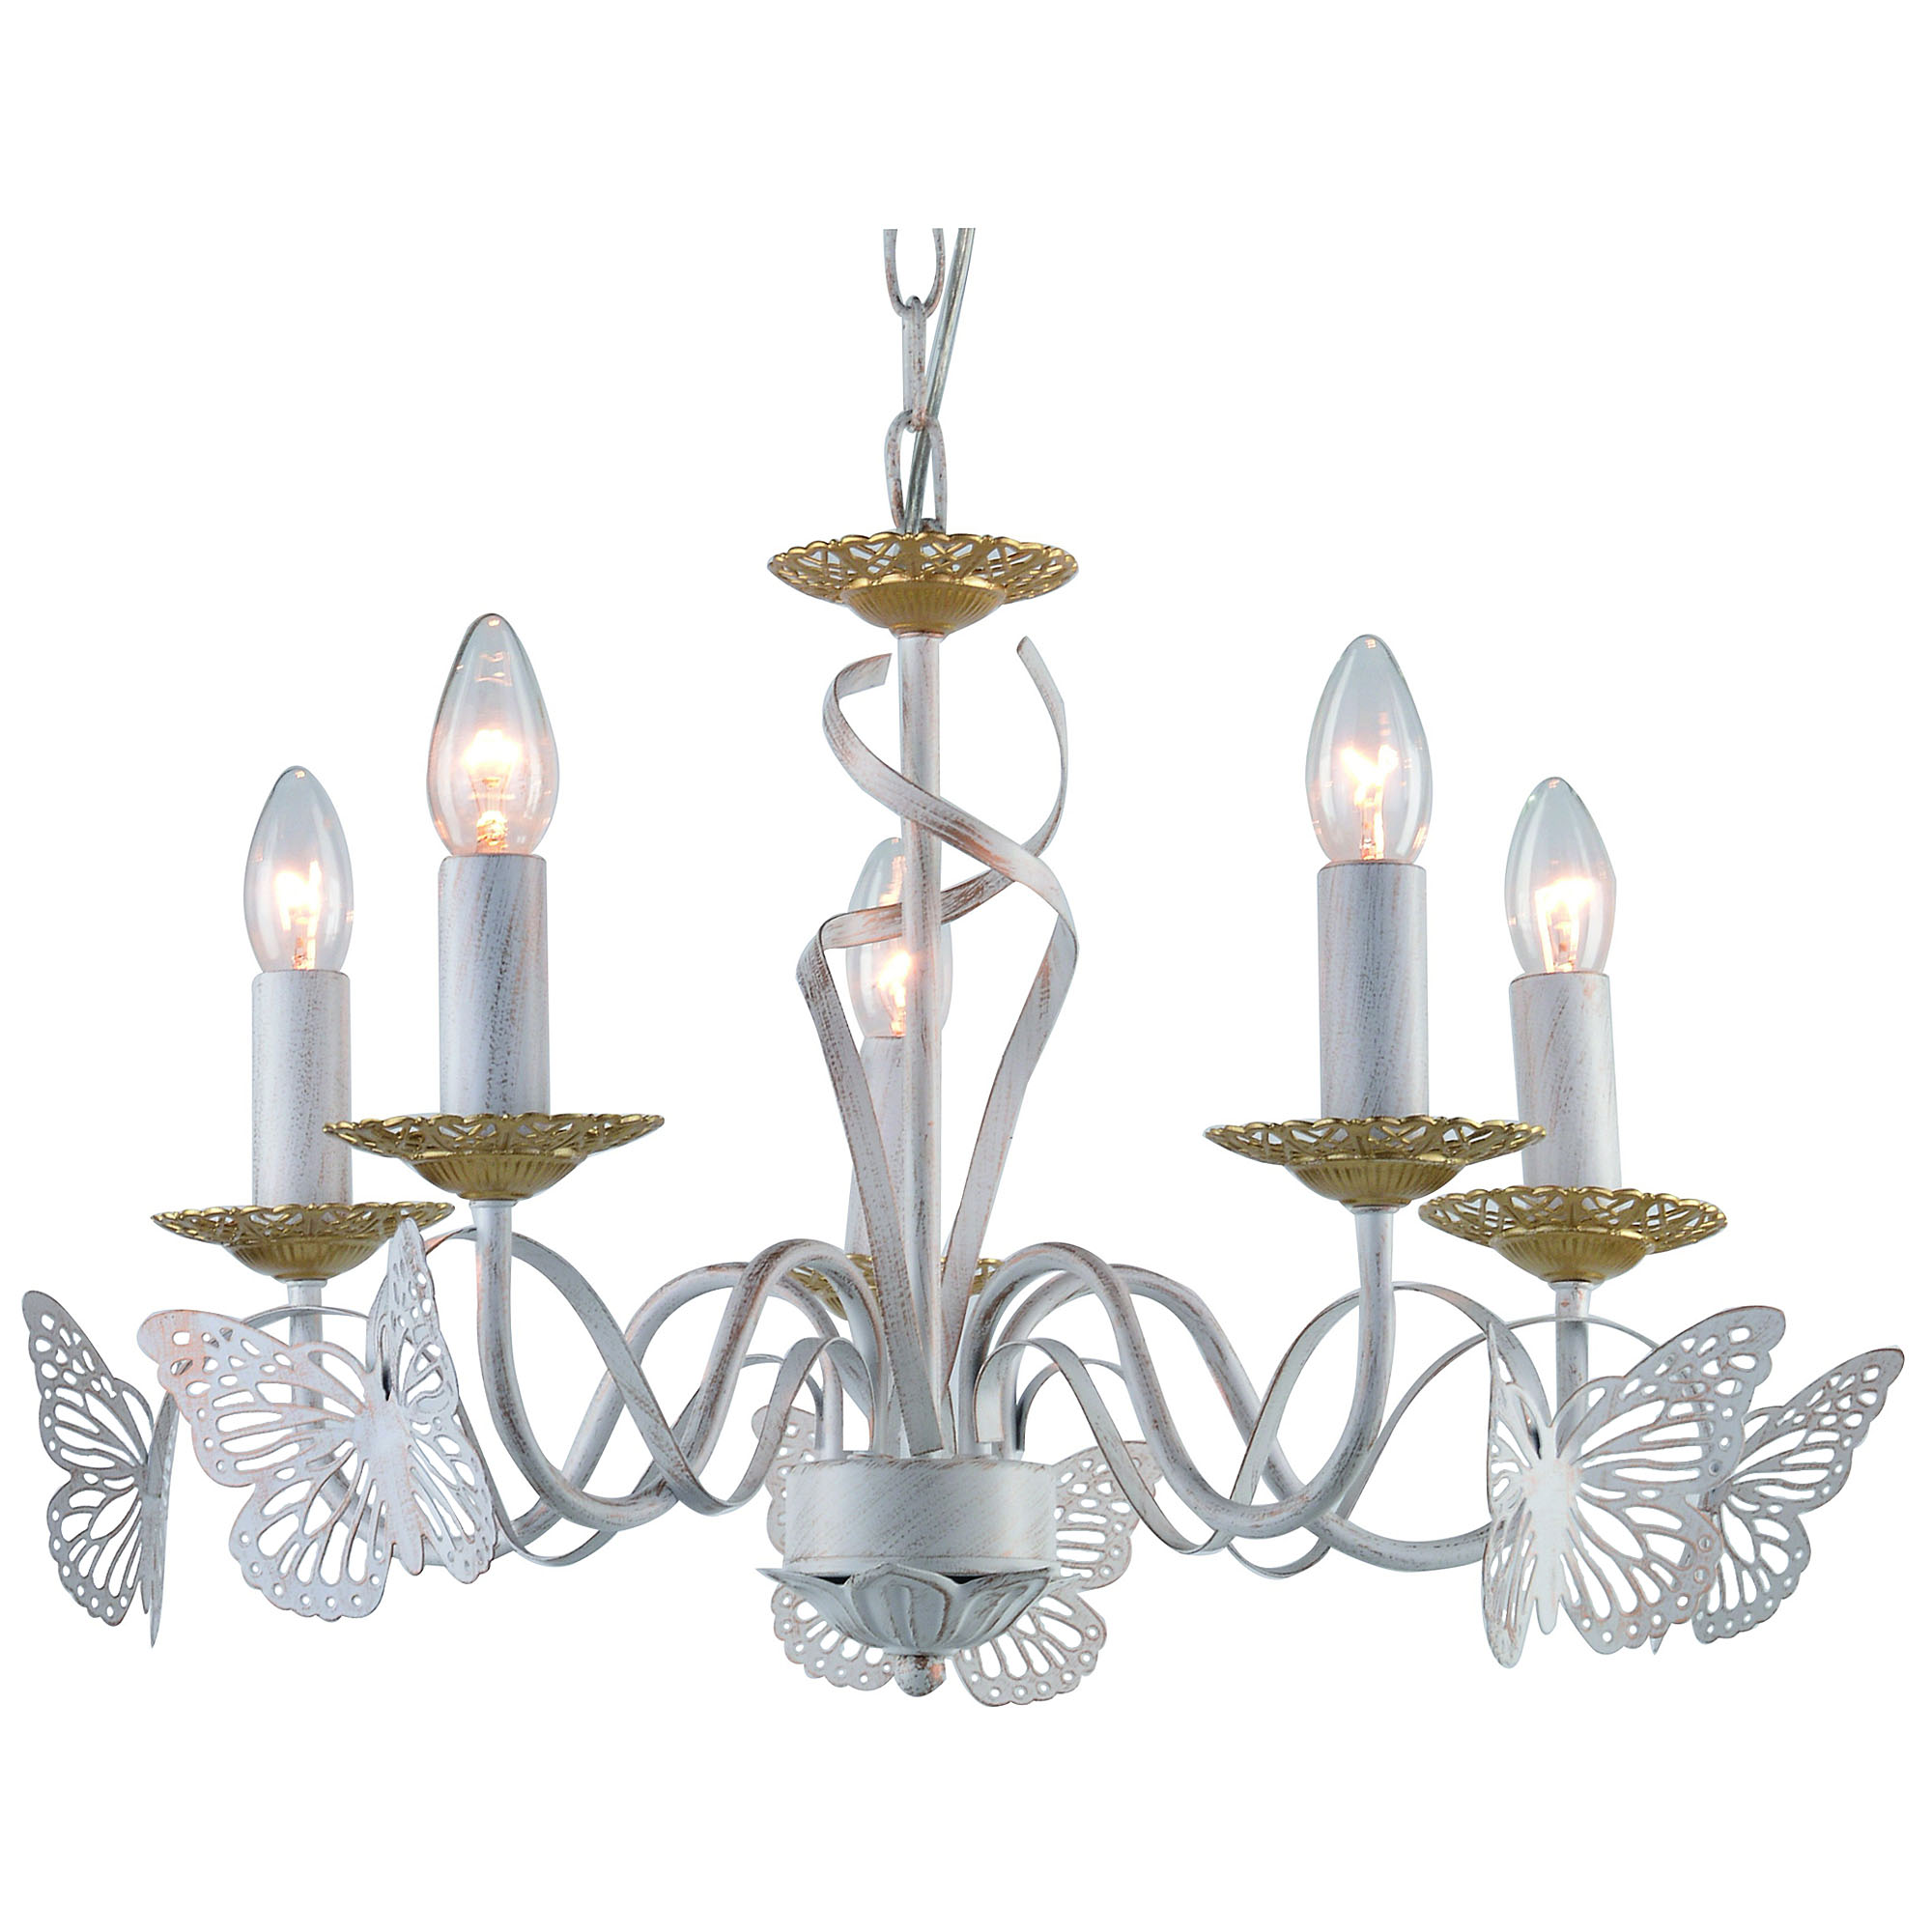 Люстра подвесная на цепи Arte Lamp A6114LM-5WG люстра подвесная на цепи arte lamp a6114lm 5wg